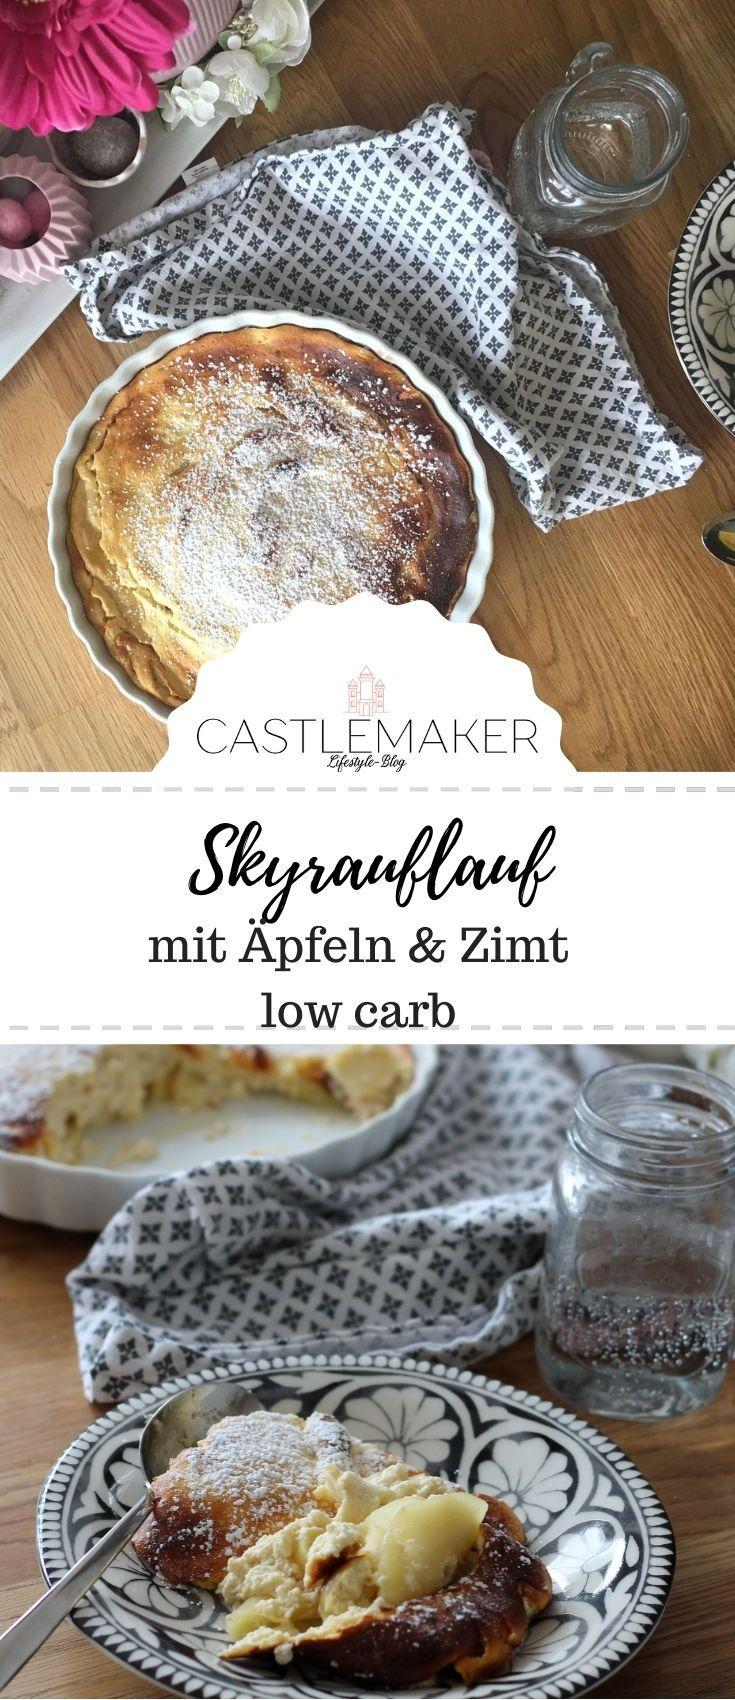 Skyrauflauf mit Äpfeln & Zimt – Alternative zum Apfel-Quark-Auflauf   – Castlemaker Lifestyle-Blog Rezepte & mehr